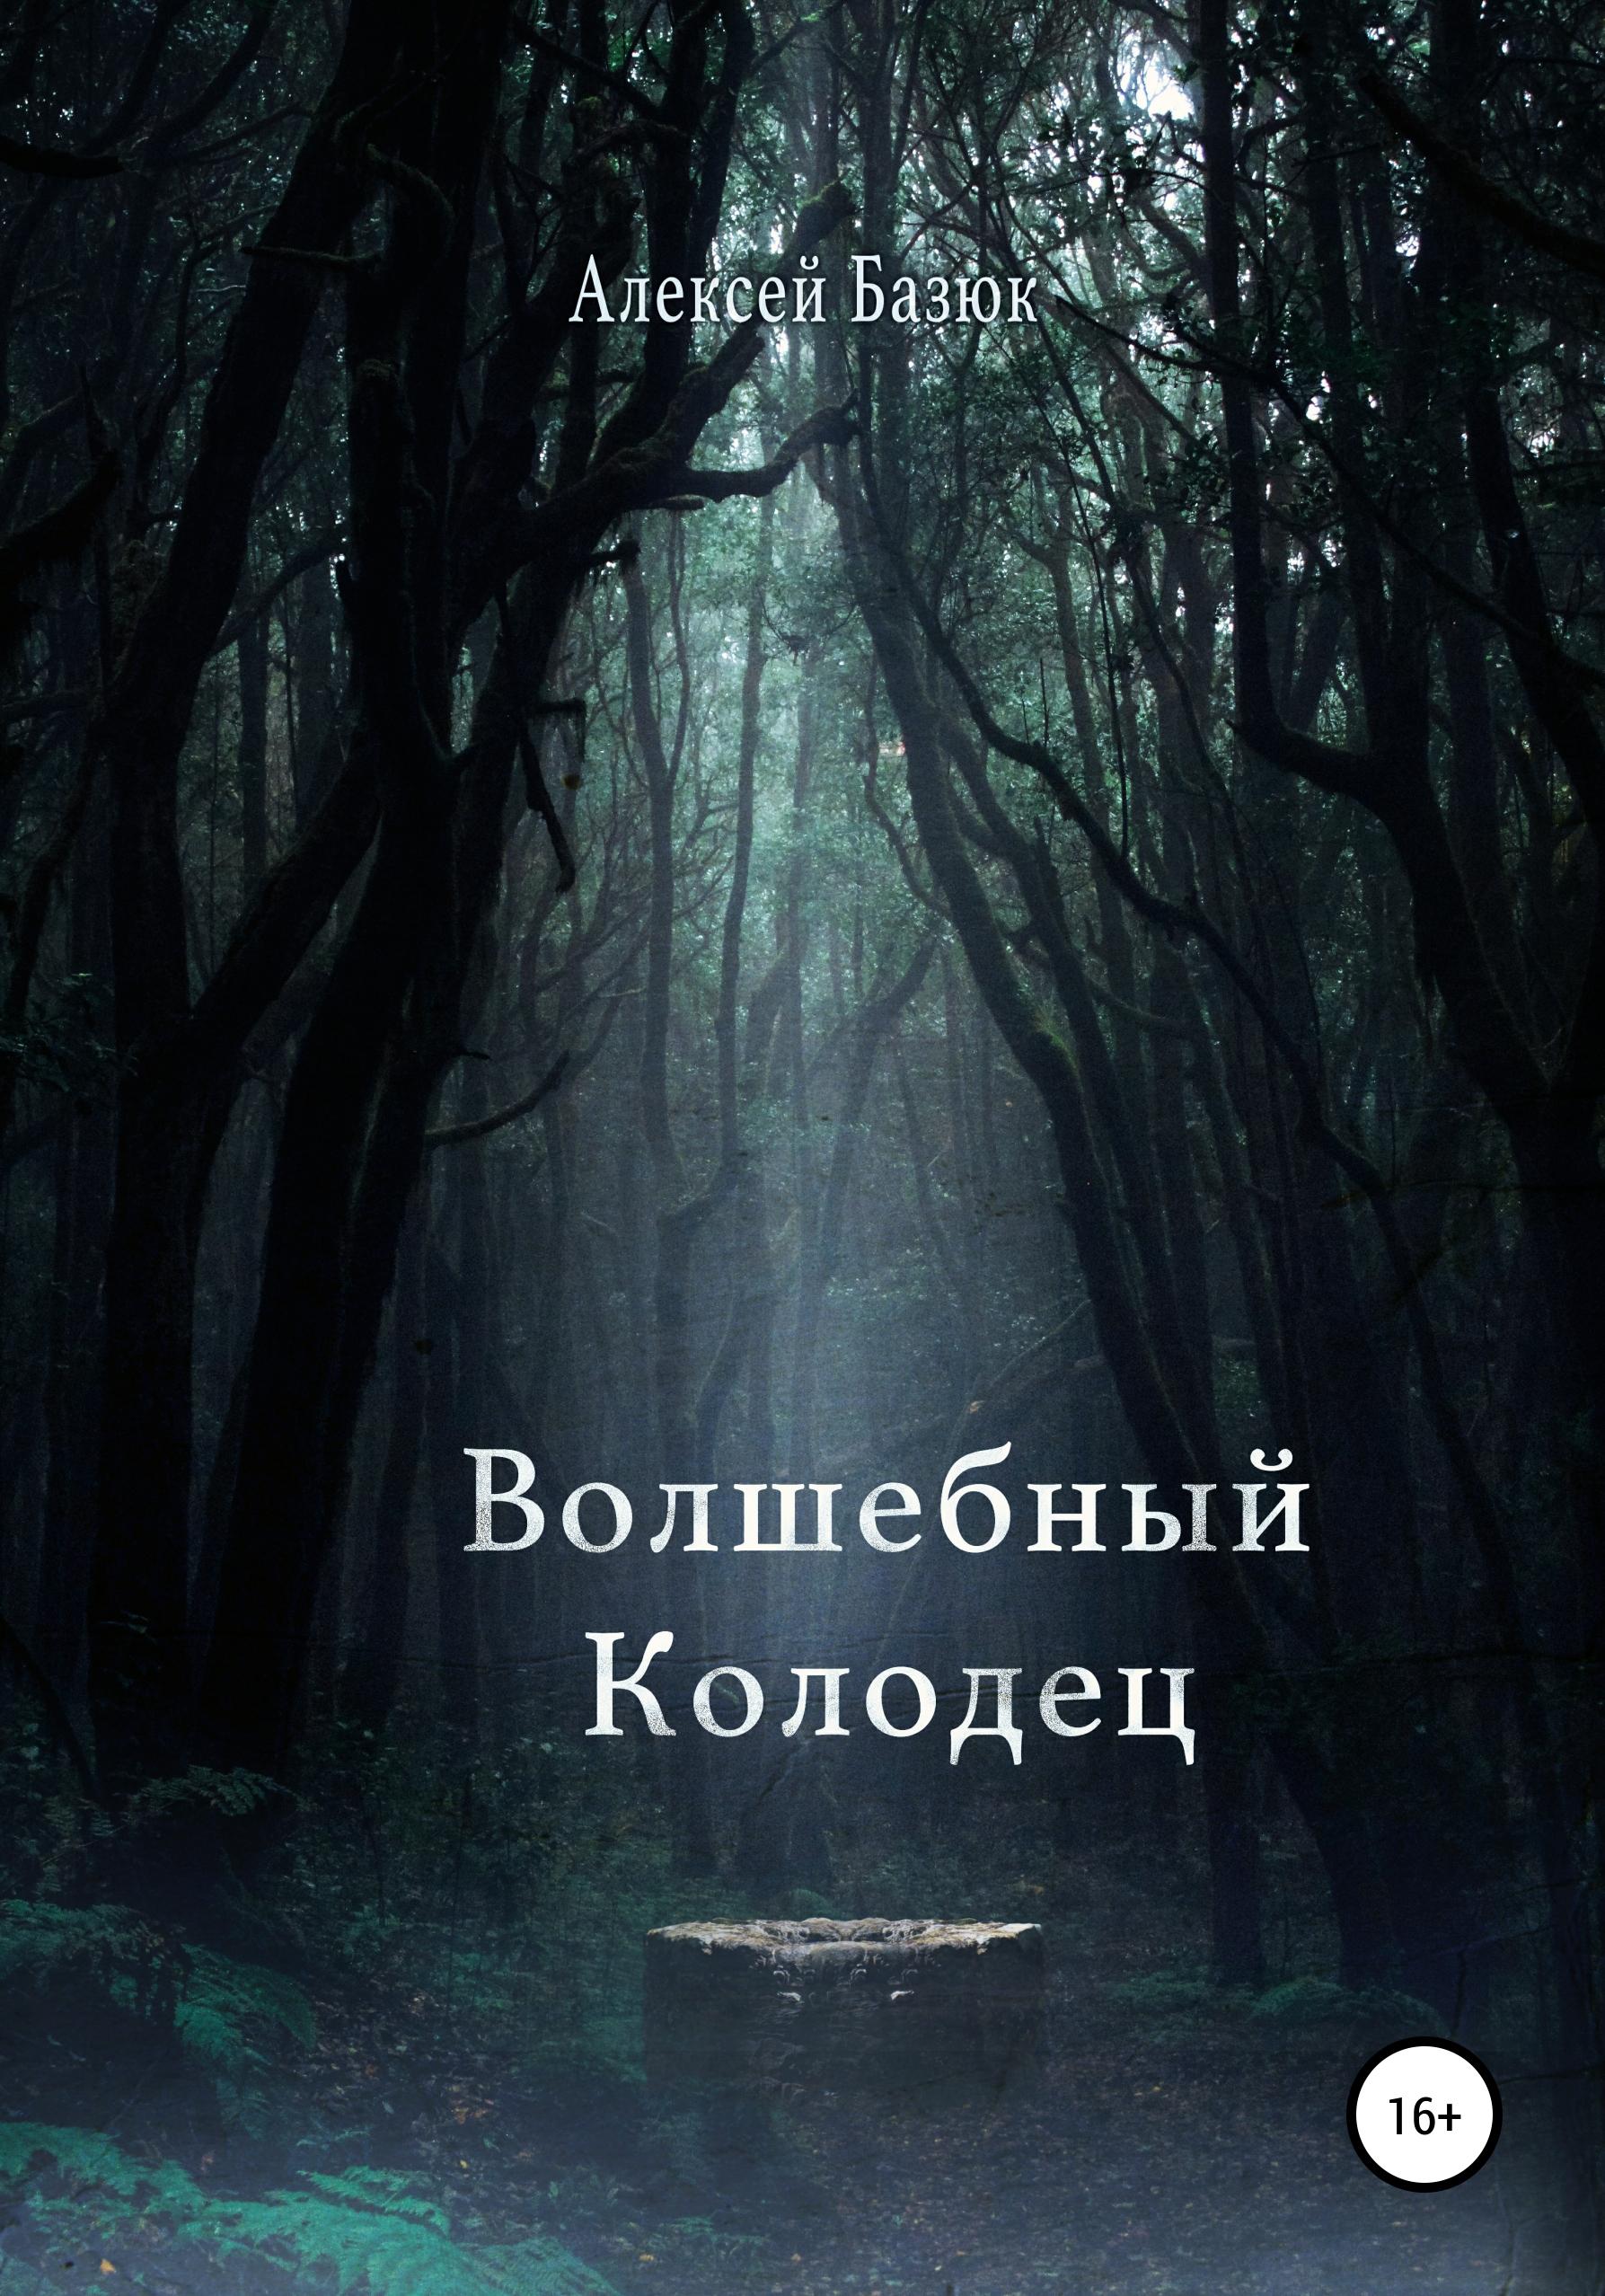 Купить книгу Волшебный колодец, автора Алексея Сергеевича Базюка